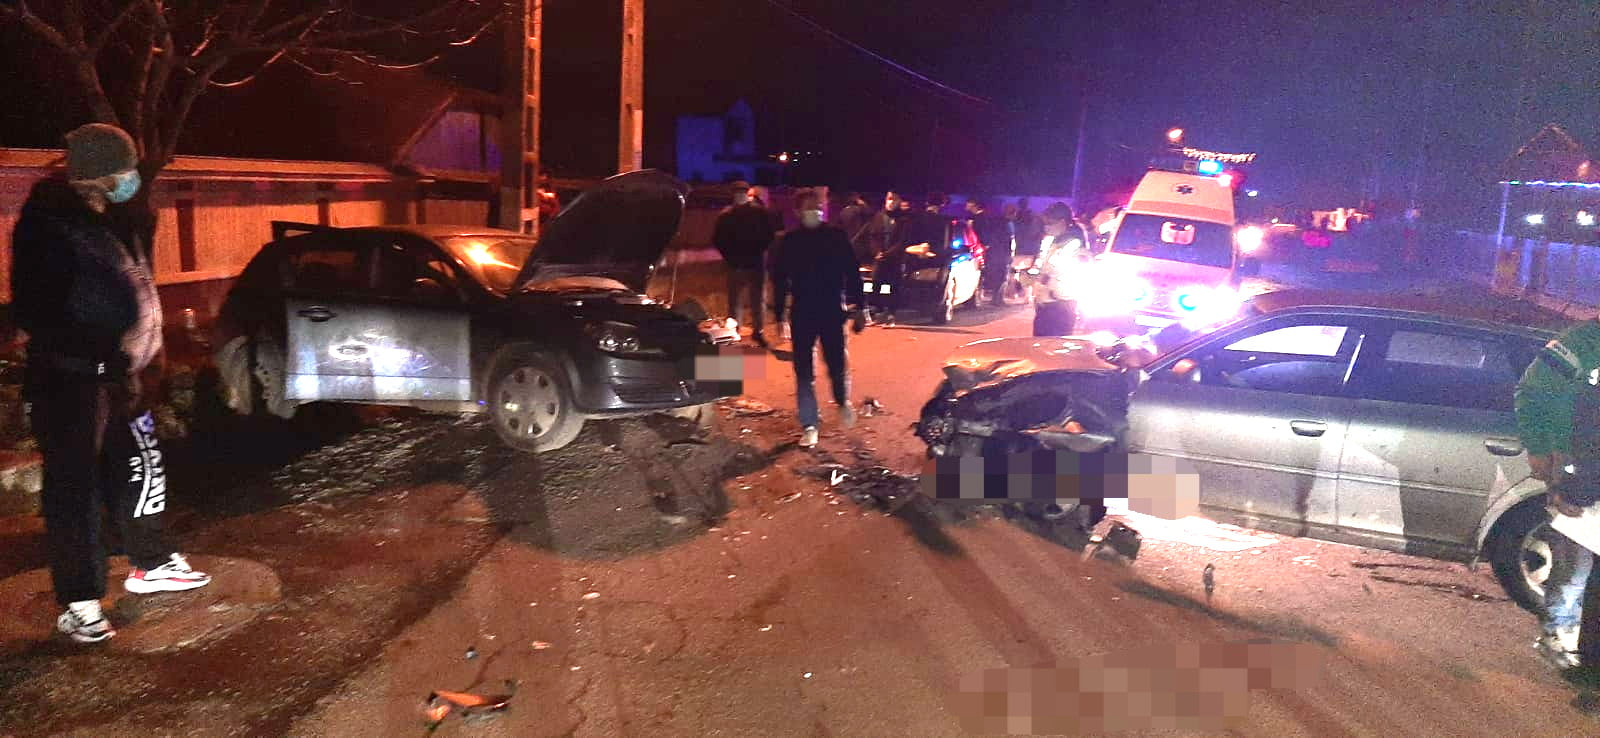 Șofer implicat în accidentul cu trei victime din Barticești, pozitiv la etilotest